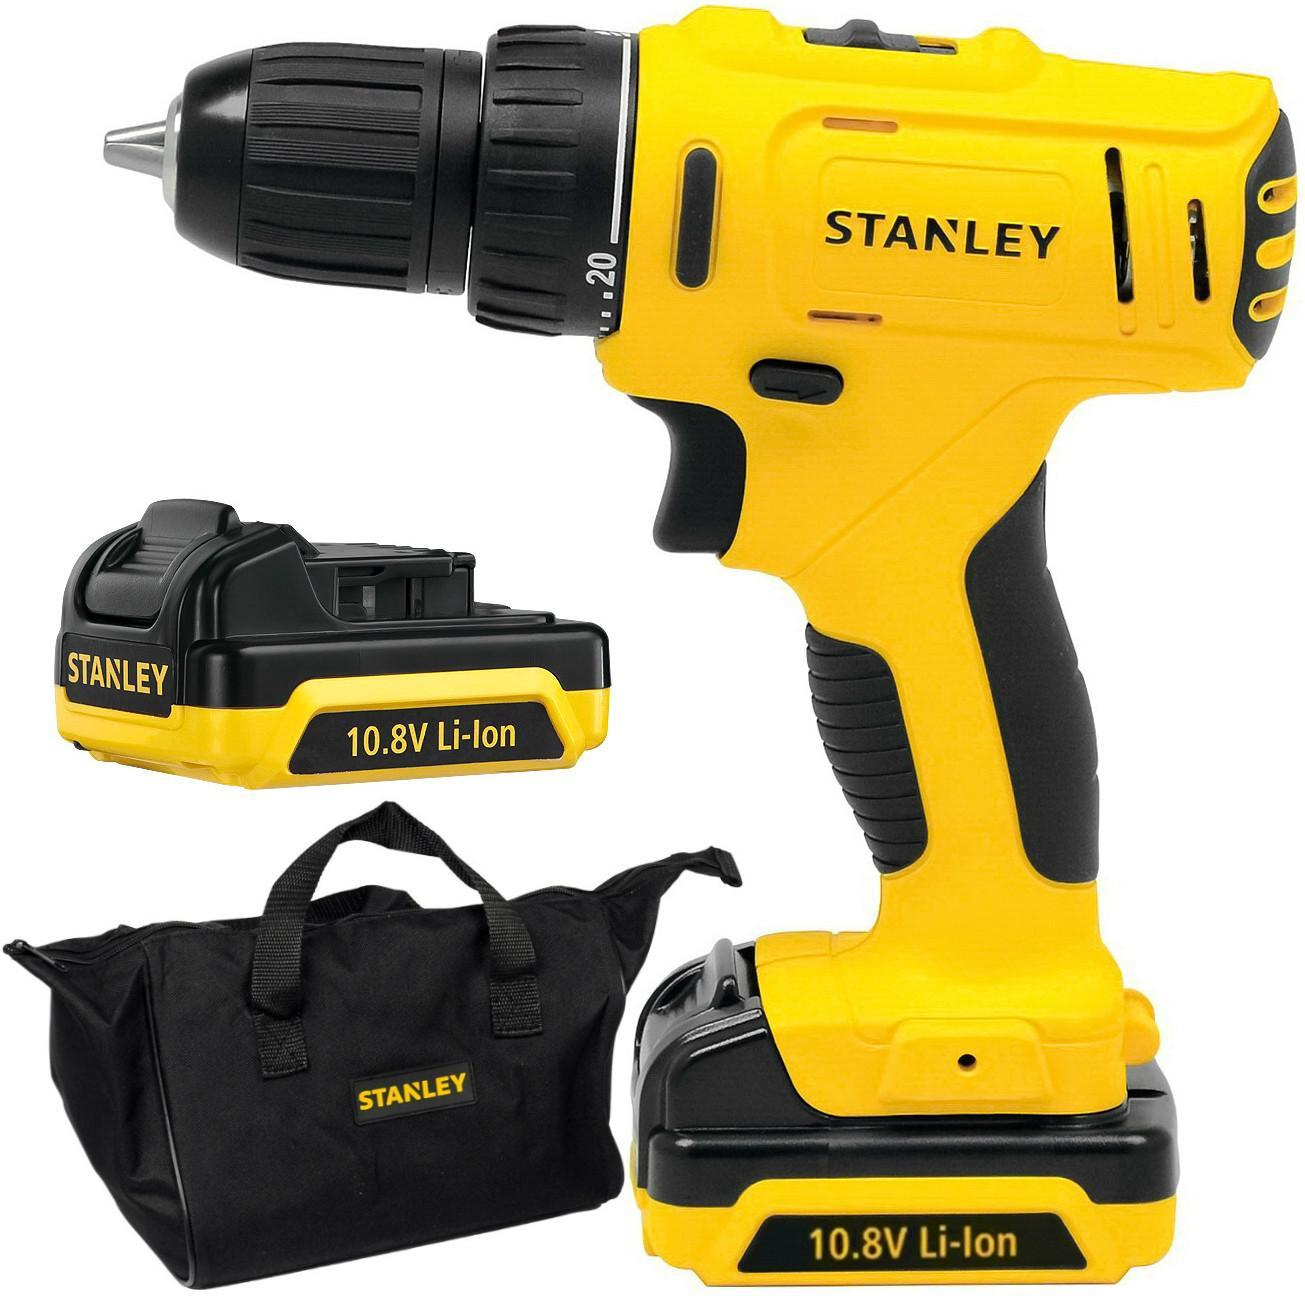 Jual Stanley 5510 Mesin Murah Garansi Dan Berkualitas Id Store 13mm 550w Hammer Percussion Drill Kit Box Sdh600k Bor Tembok Rp 891000